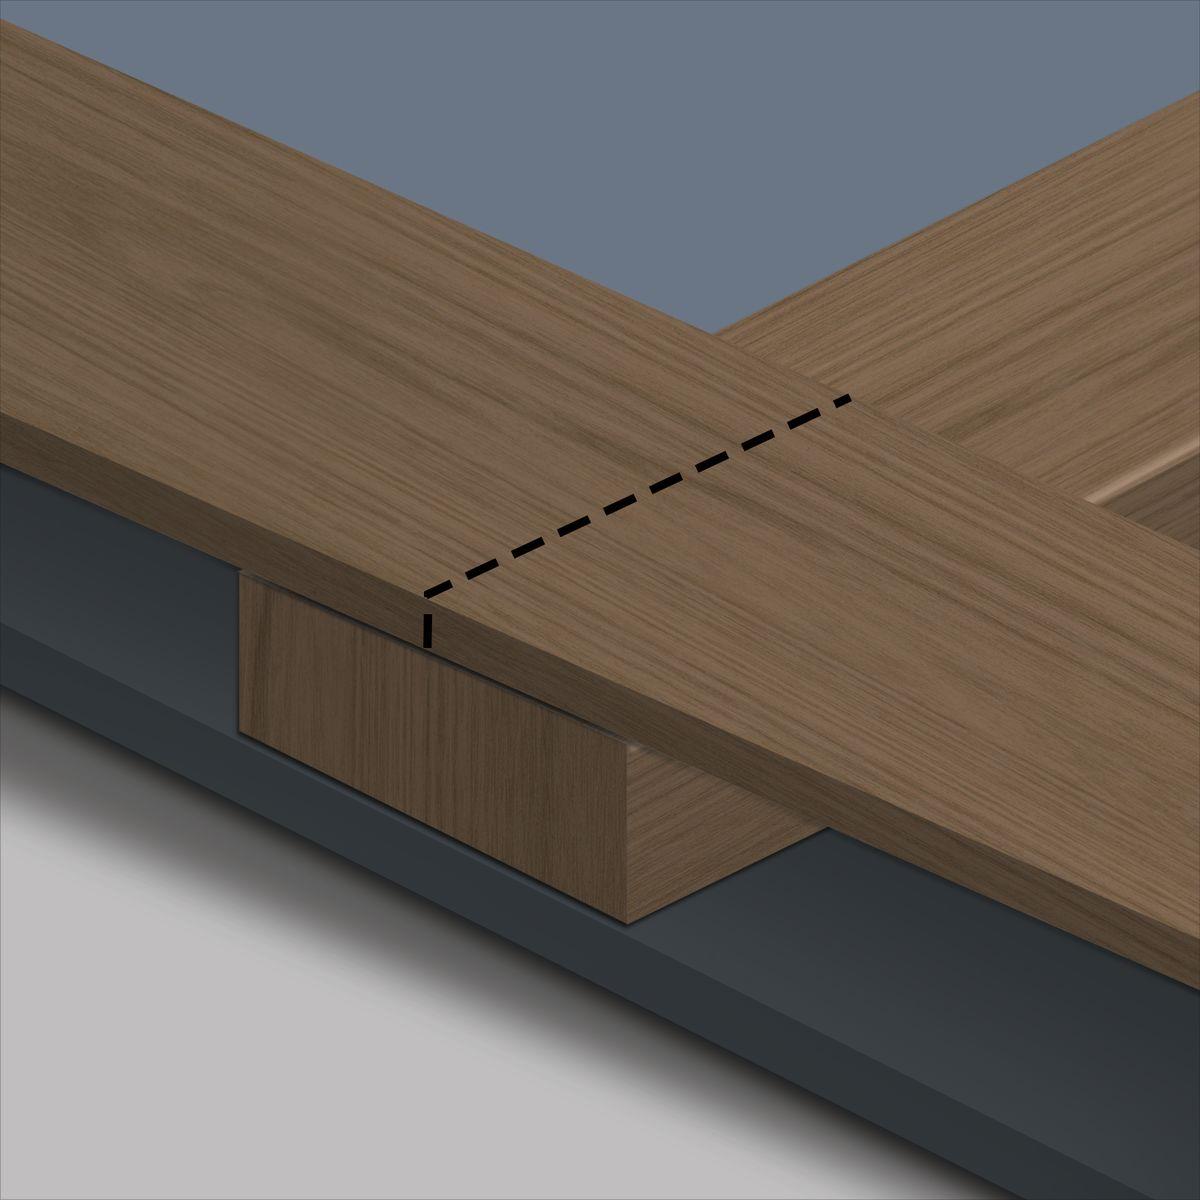 Come posare pavimento in legno esterno su travetti fai da te guide e tutorial leroymerlin - Pavimento esterno finto legno ...